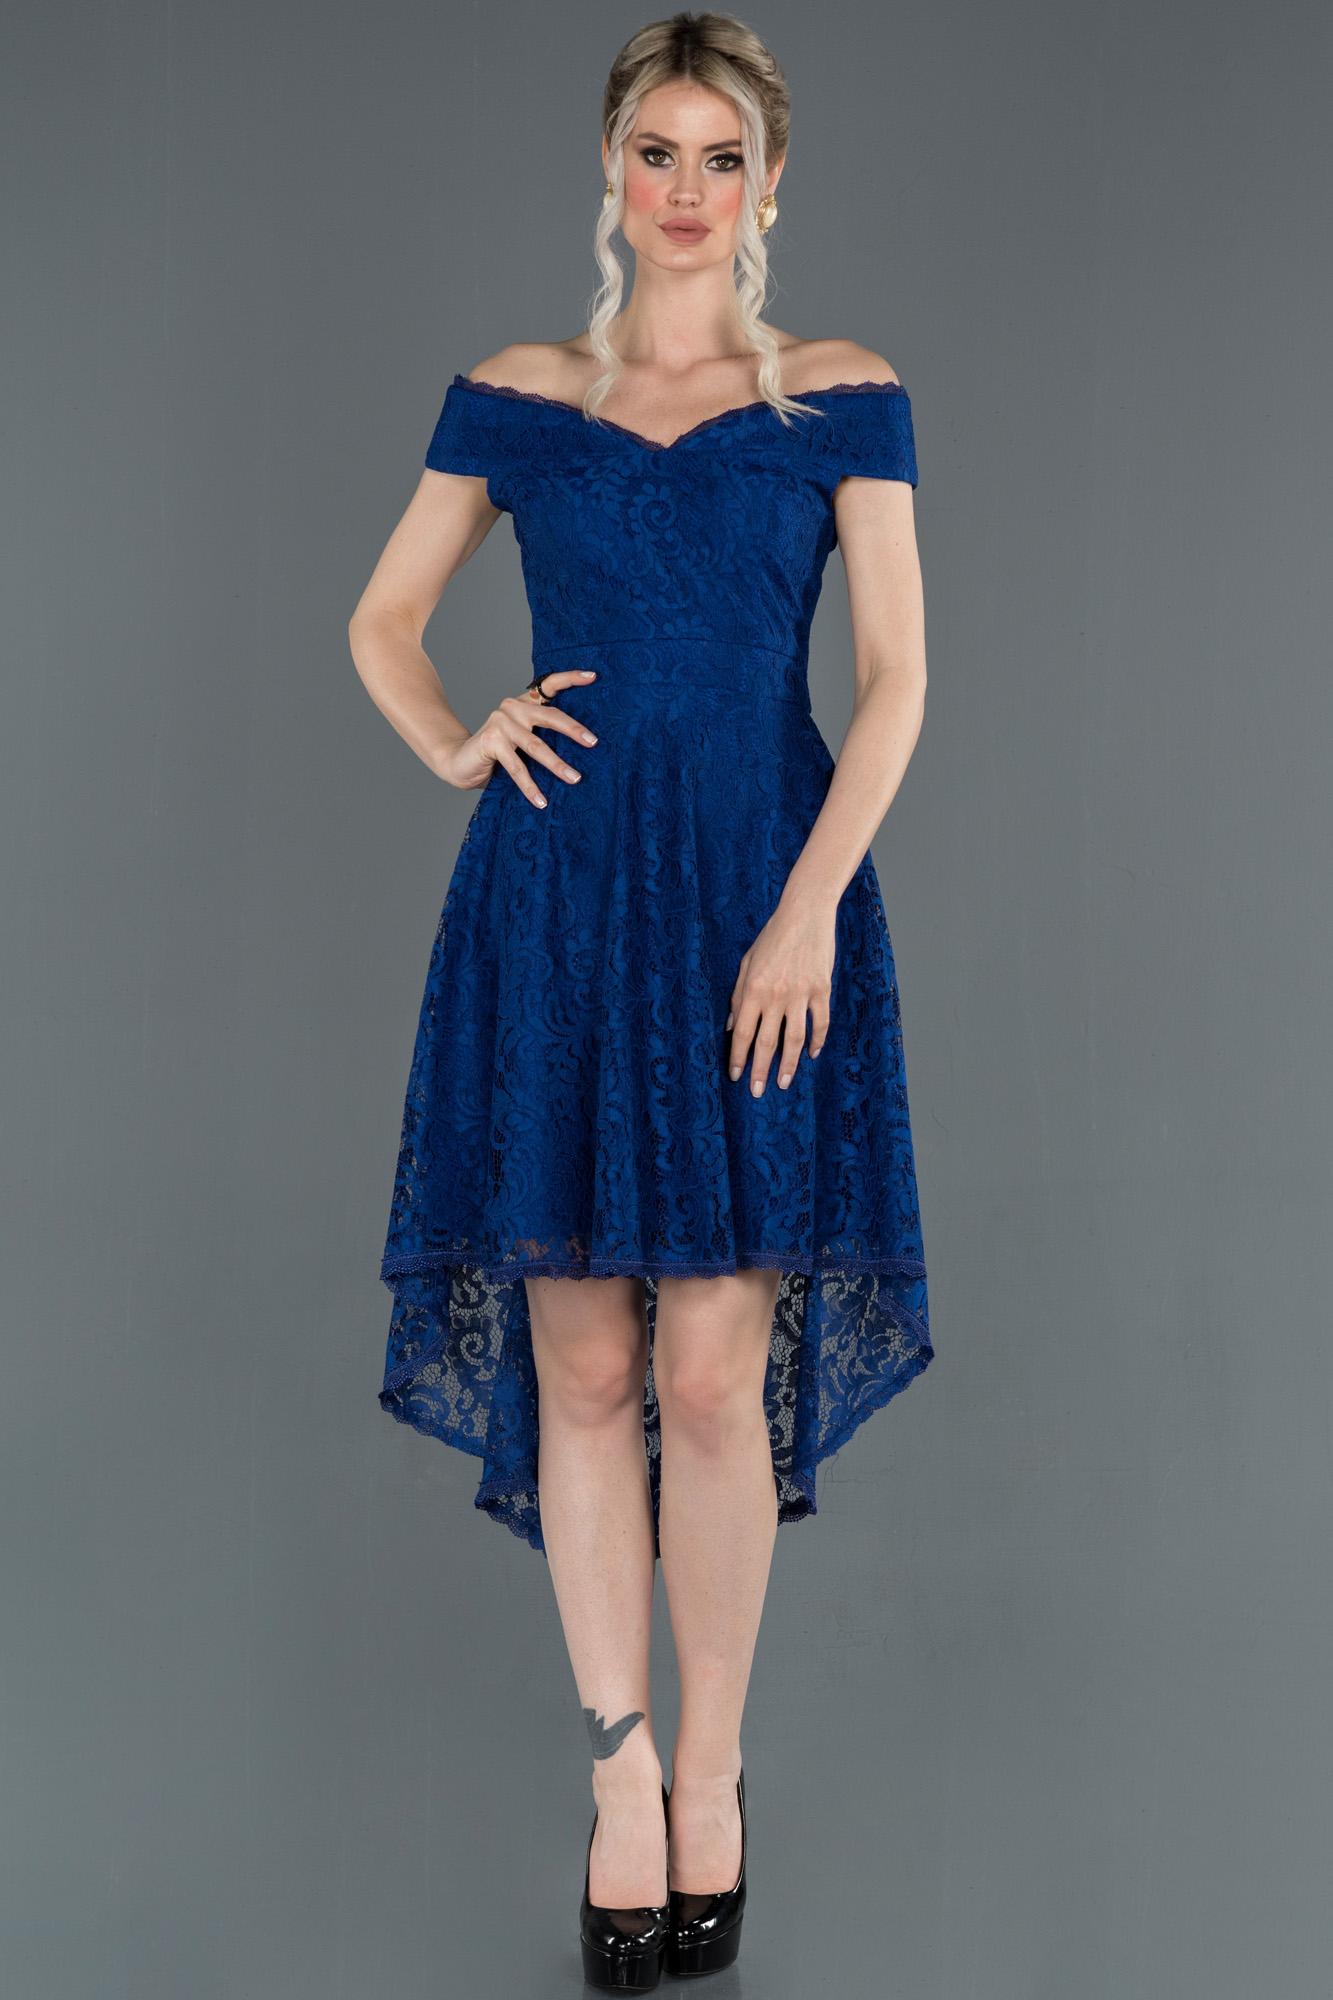 Saks Mavi Önü Kısa Arkası Uzun Kayık Yaka Mezuniyet Elbisesi